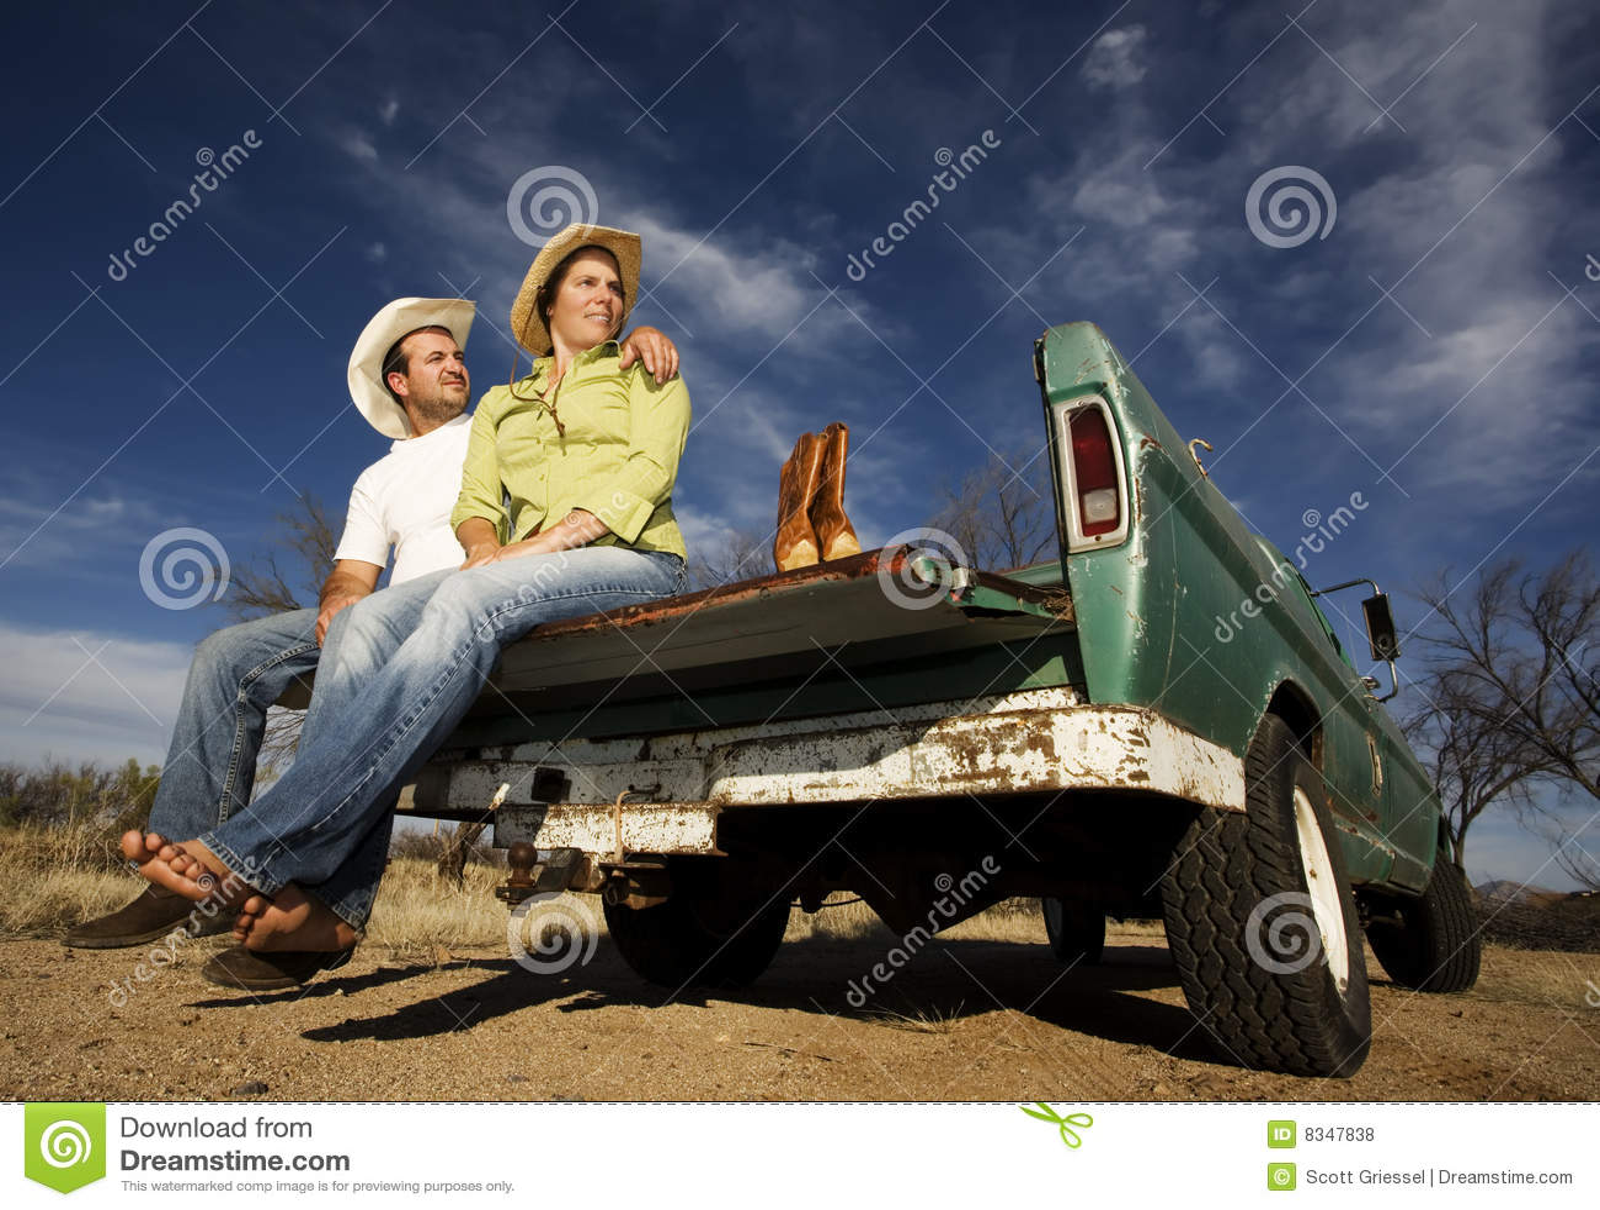 Cowboy und Frau auf Kleintransporter